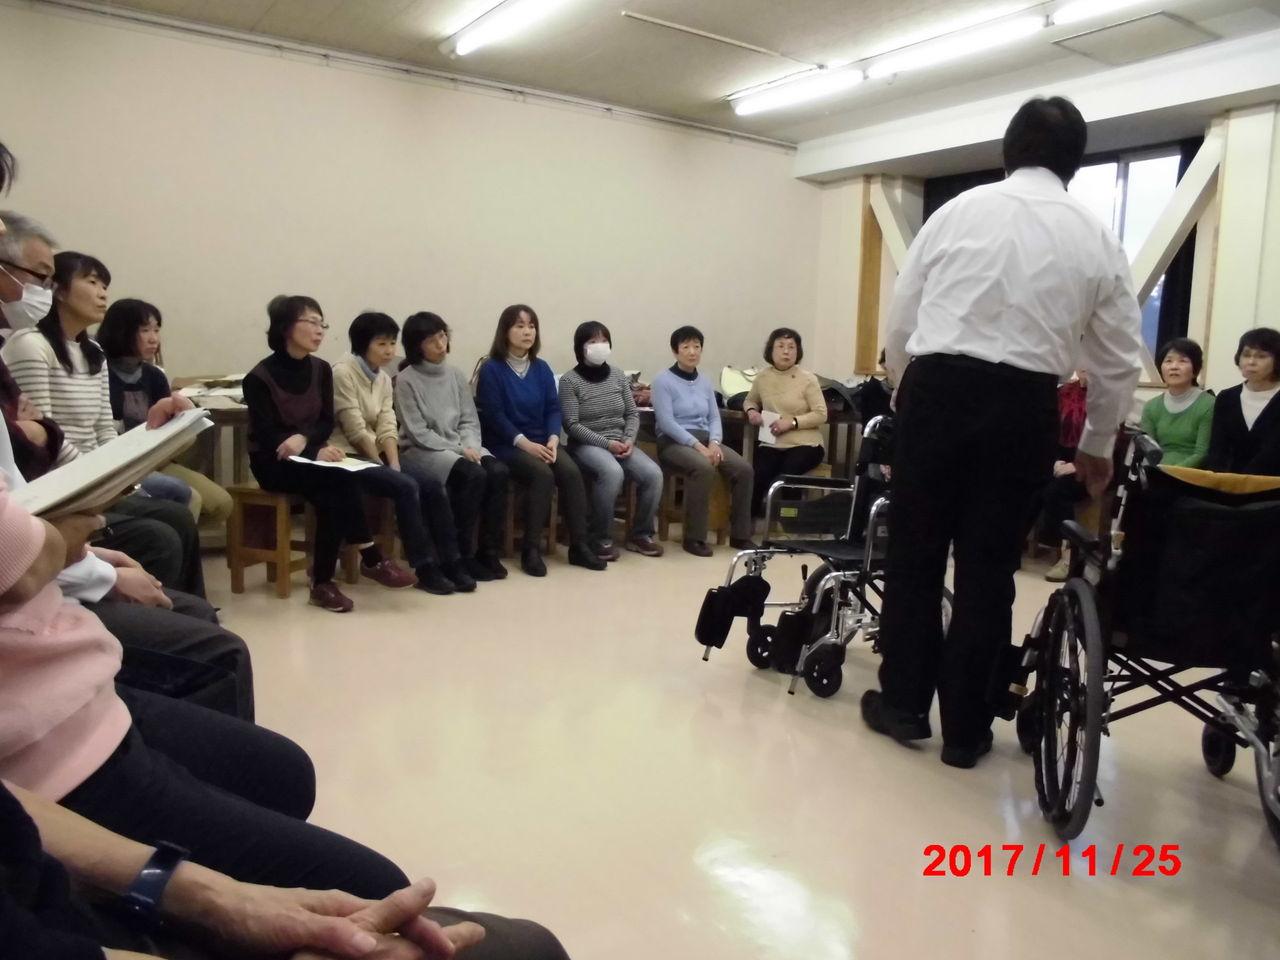 市民活動支援講座「介護技術講座」